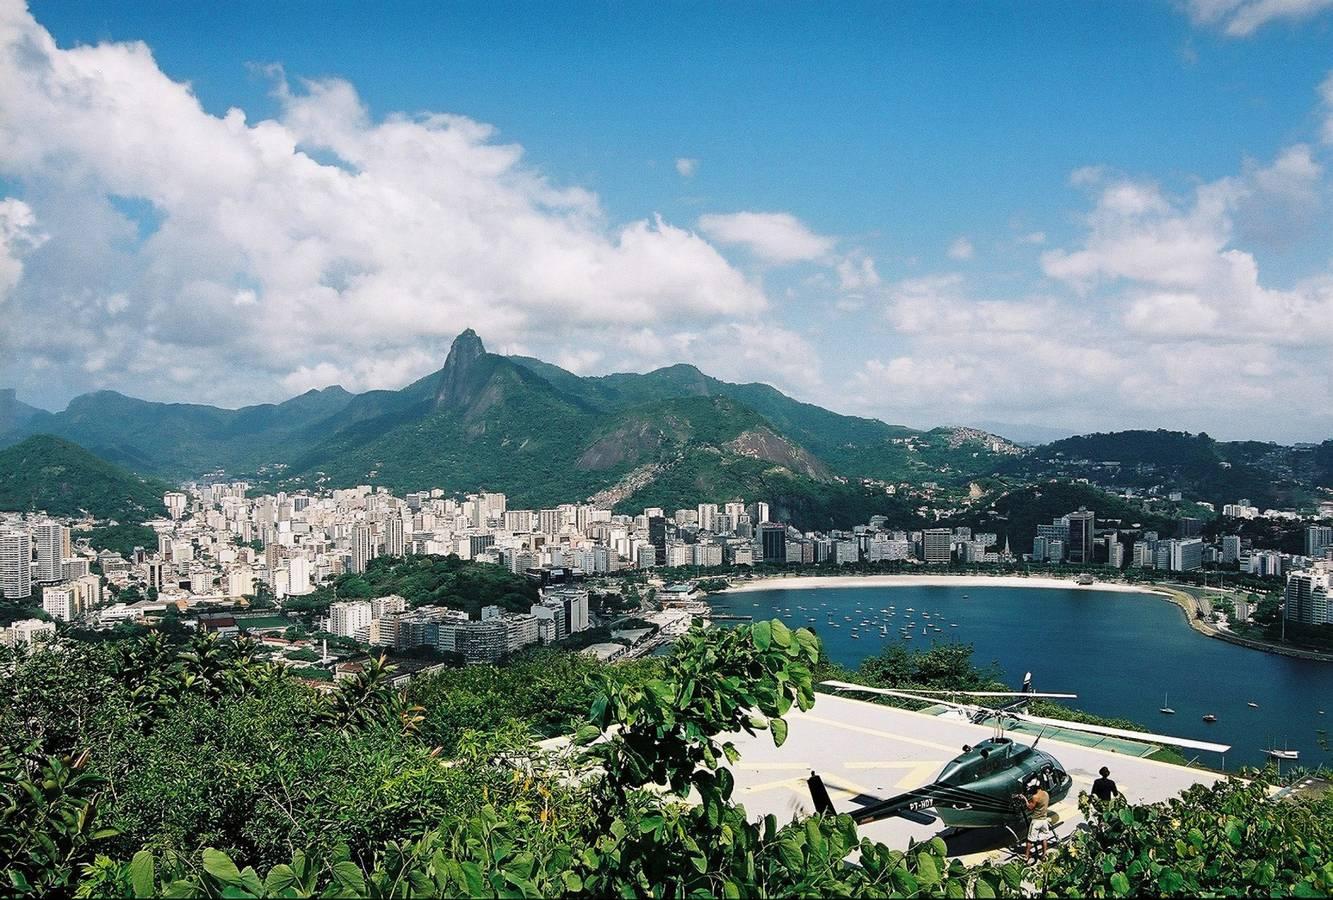 Rio de Janeiro - ešte ste tam neboli?